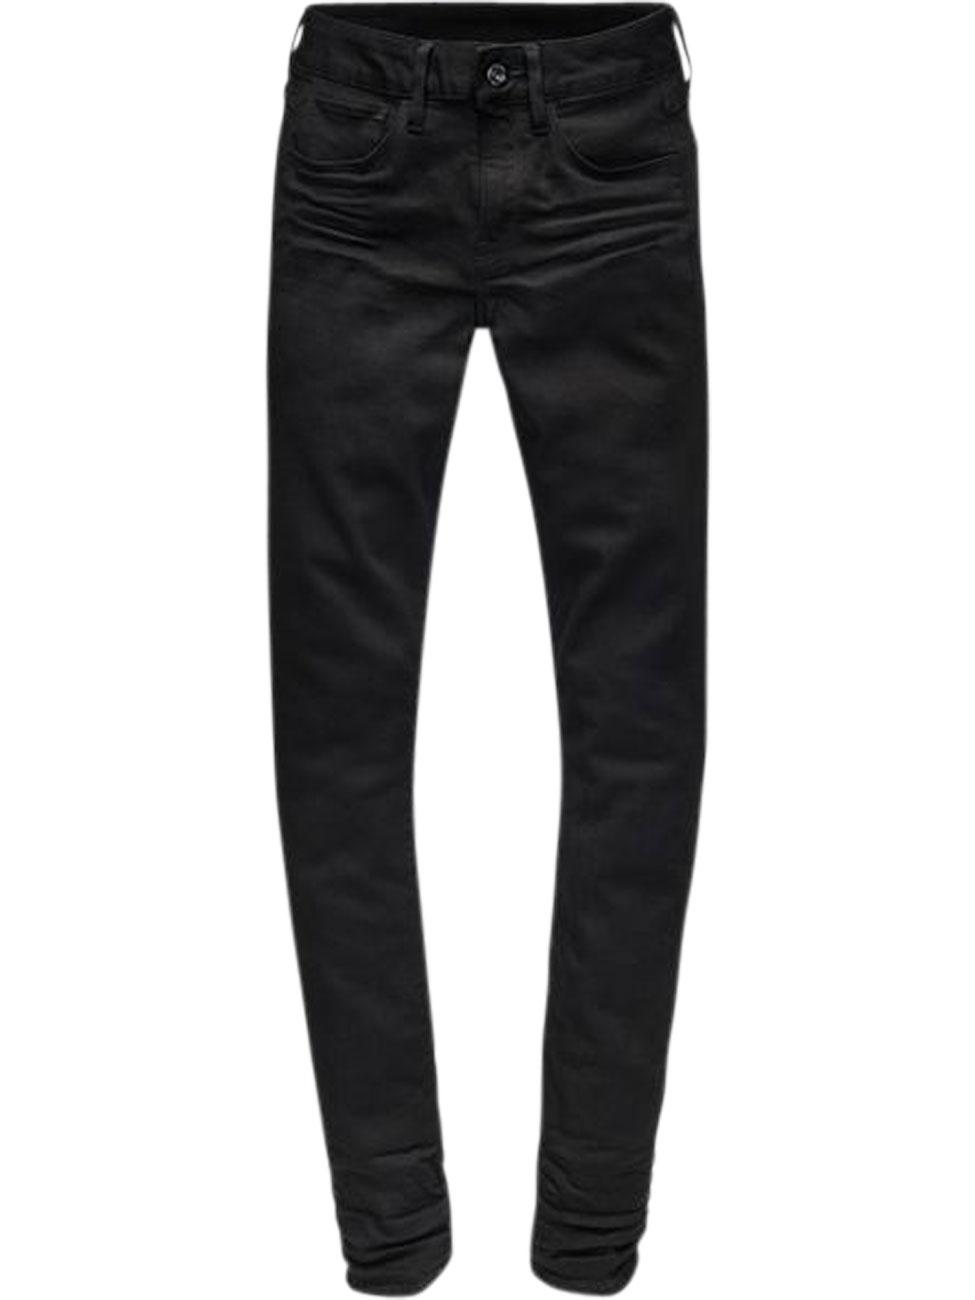 G-Star Damen Jeans 3301 Deconstructed Mid Waist Straight Fit - Schwarz -  Rinsed